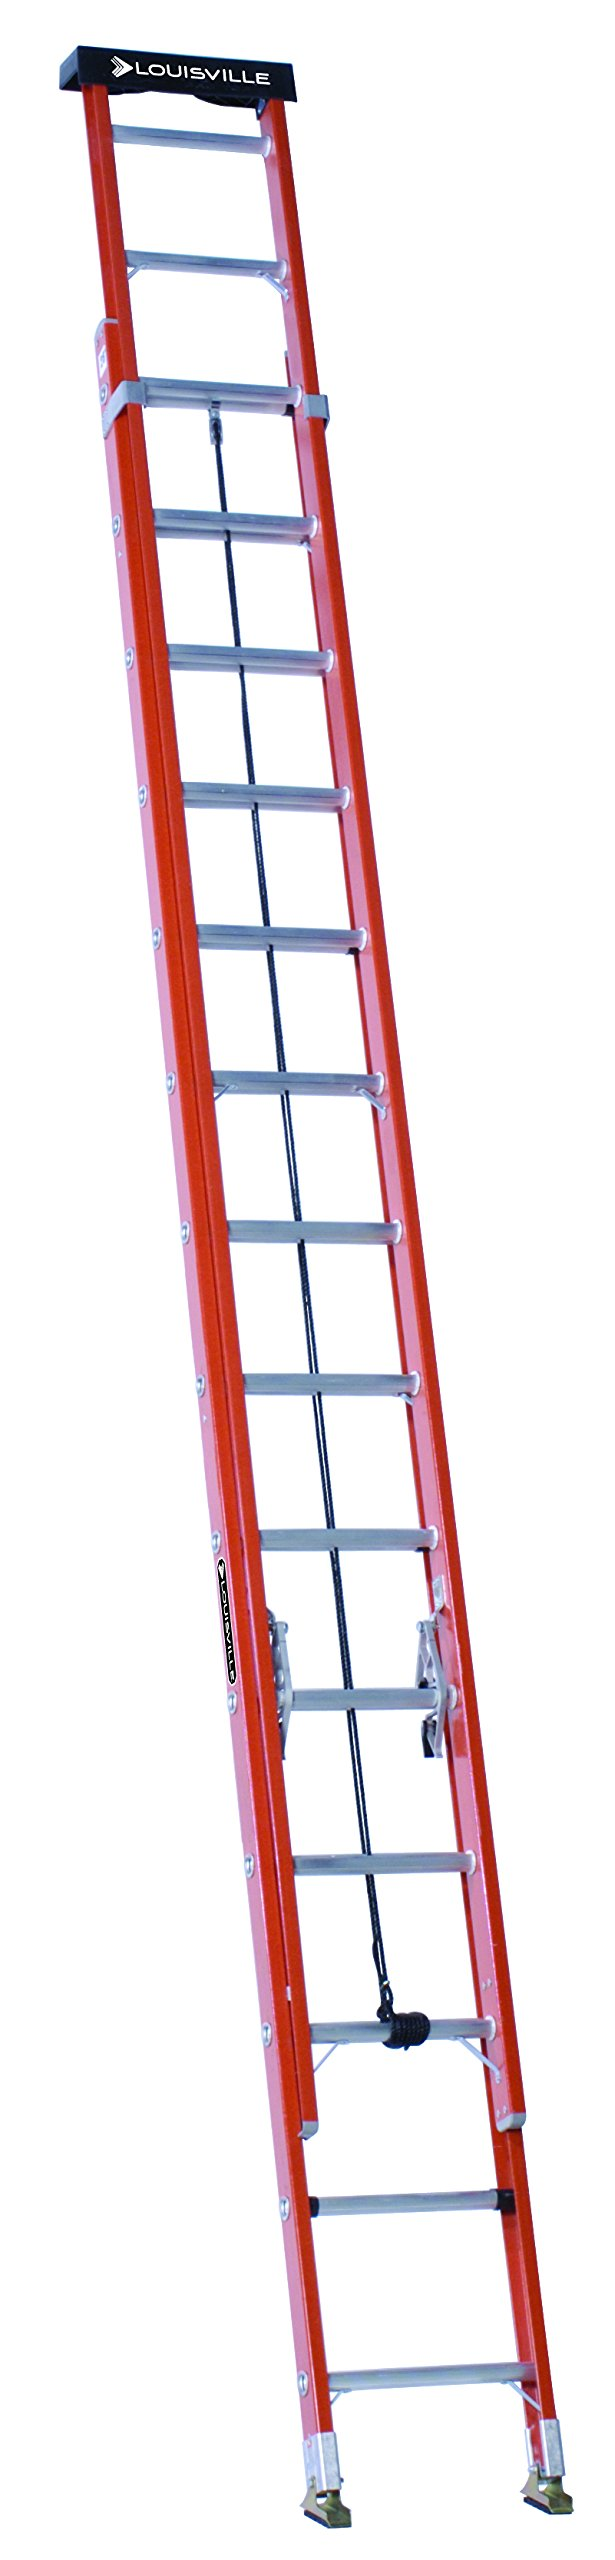 Louisville Ladder Fiberglass Extension L 3022 28PT